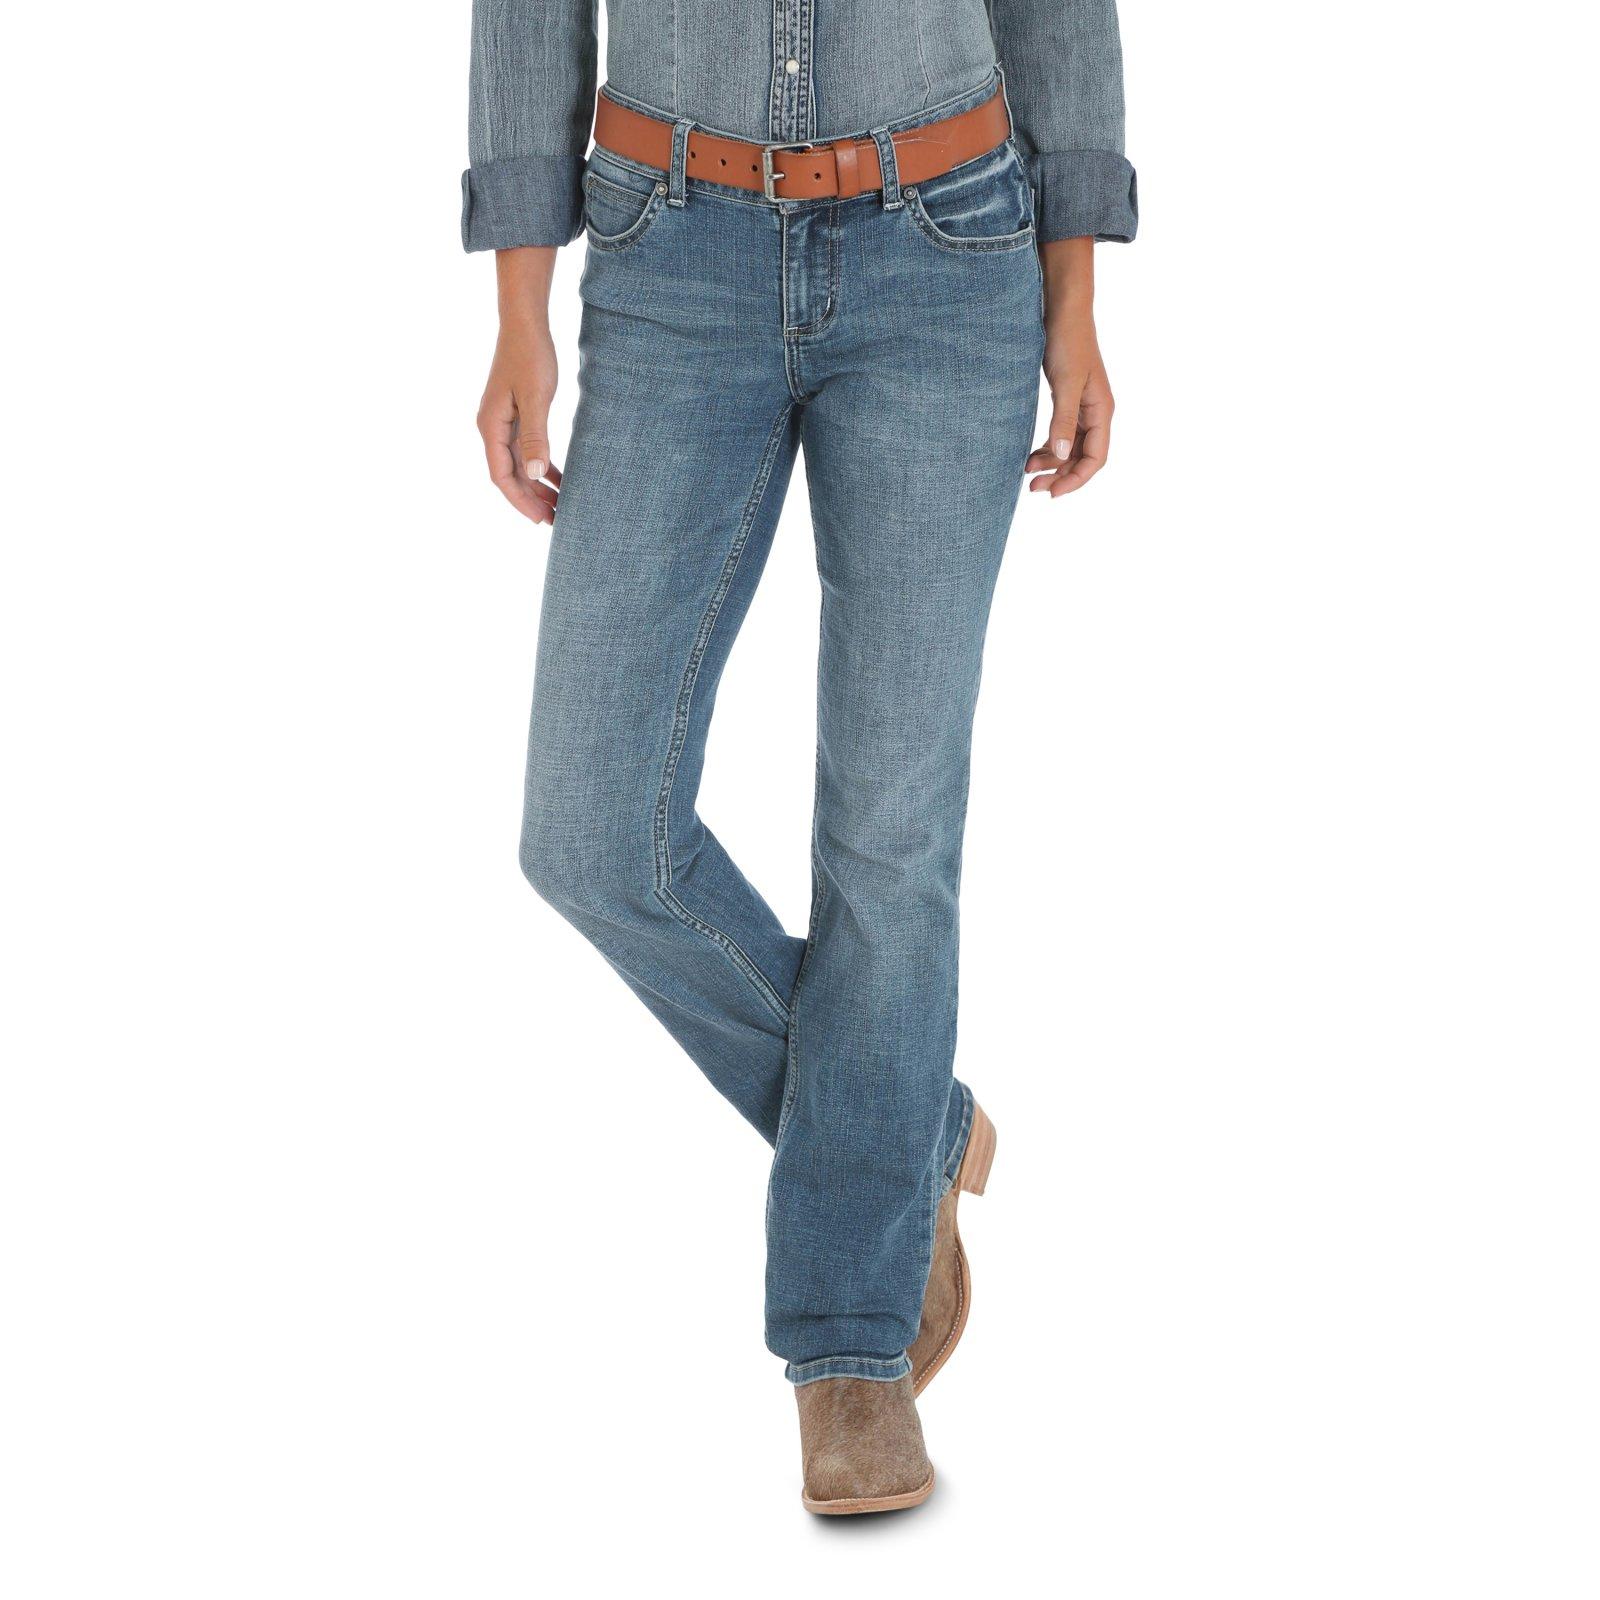 Mid-Rise Straight Leg Jean from Wrangler